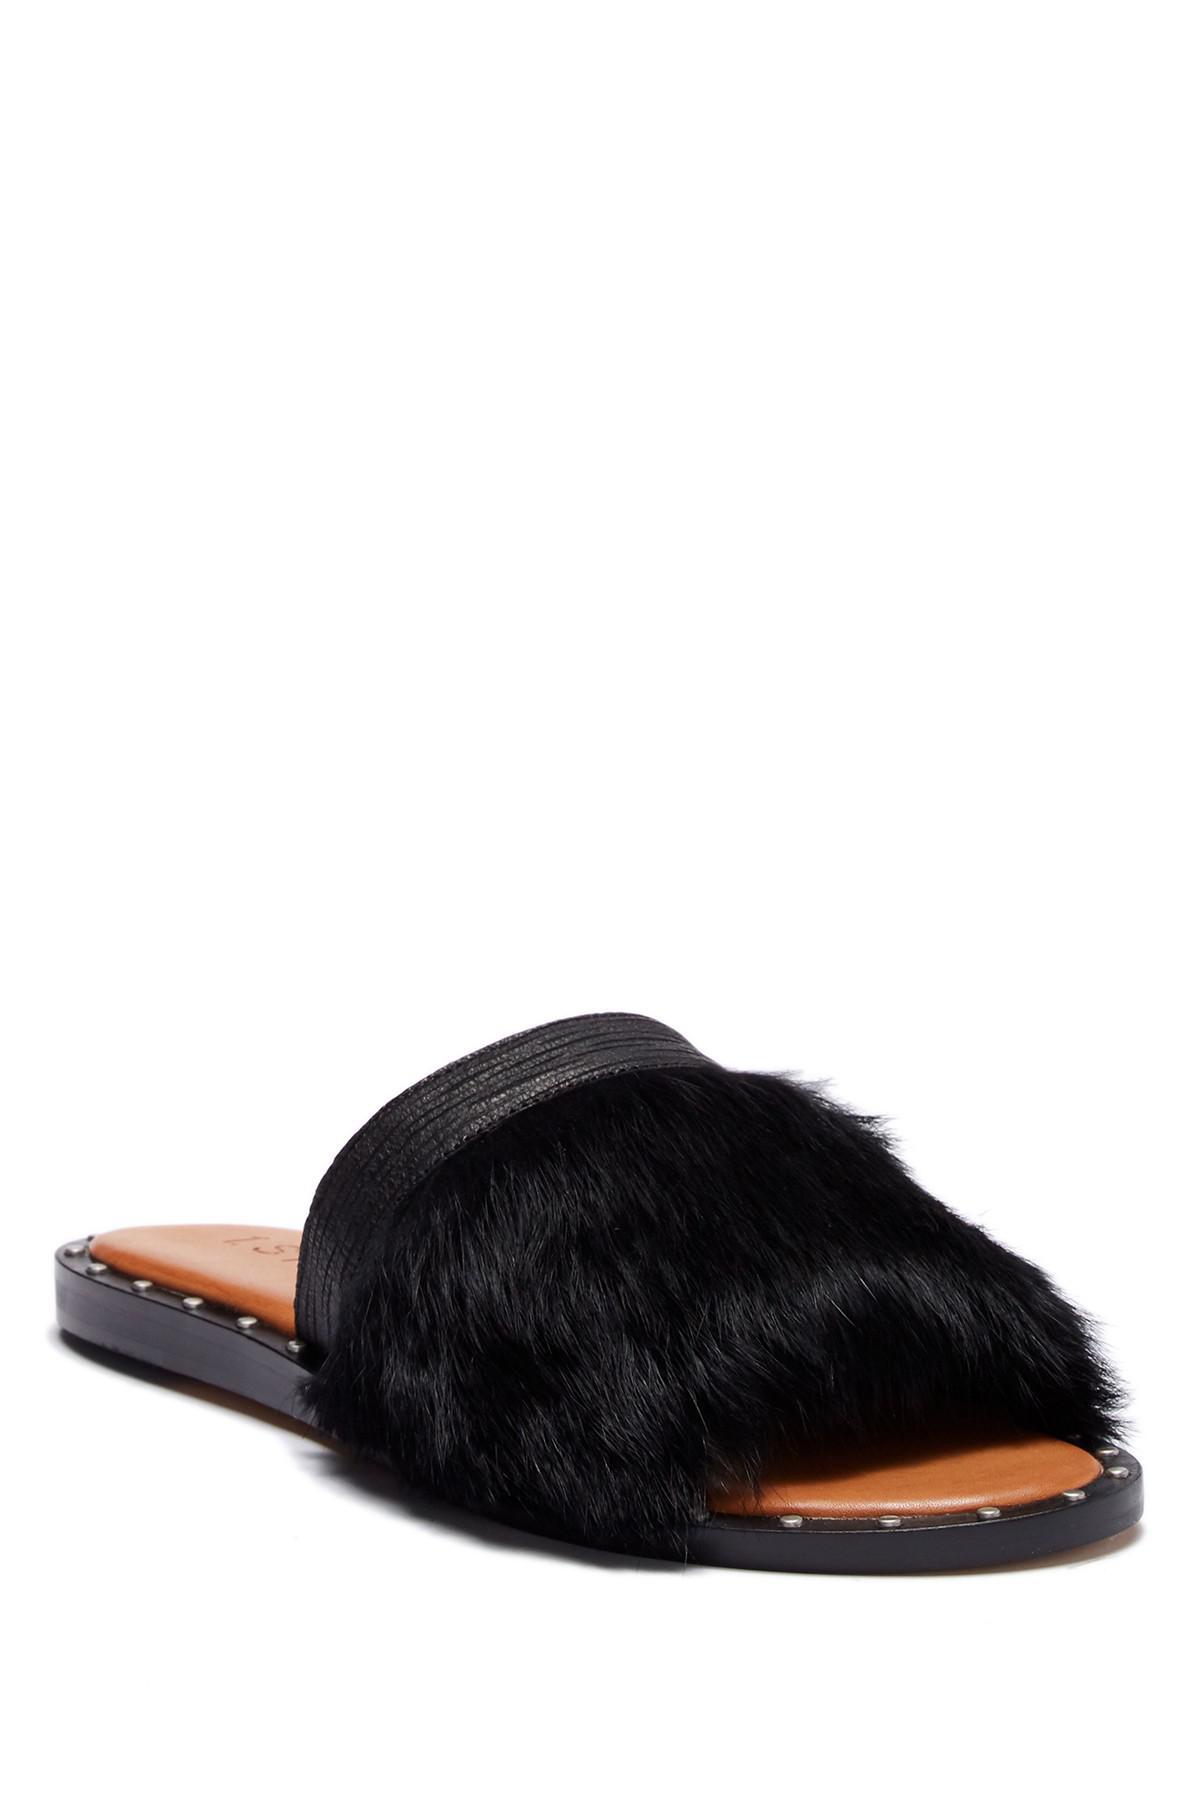 1.State Carrisma Leather & Rabbit Fur Slide Sandal N3r7MDgR8T